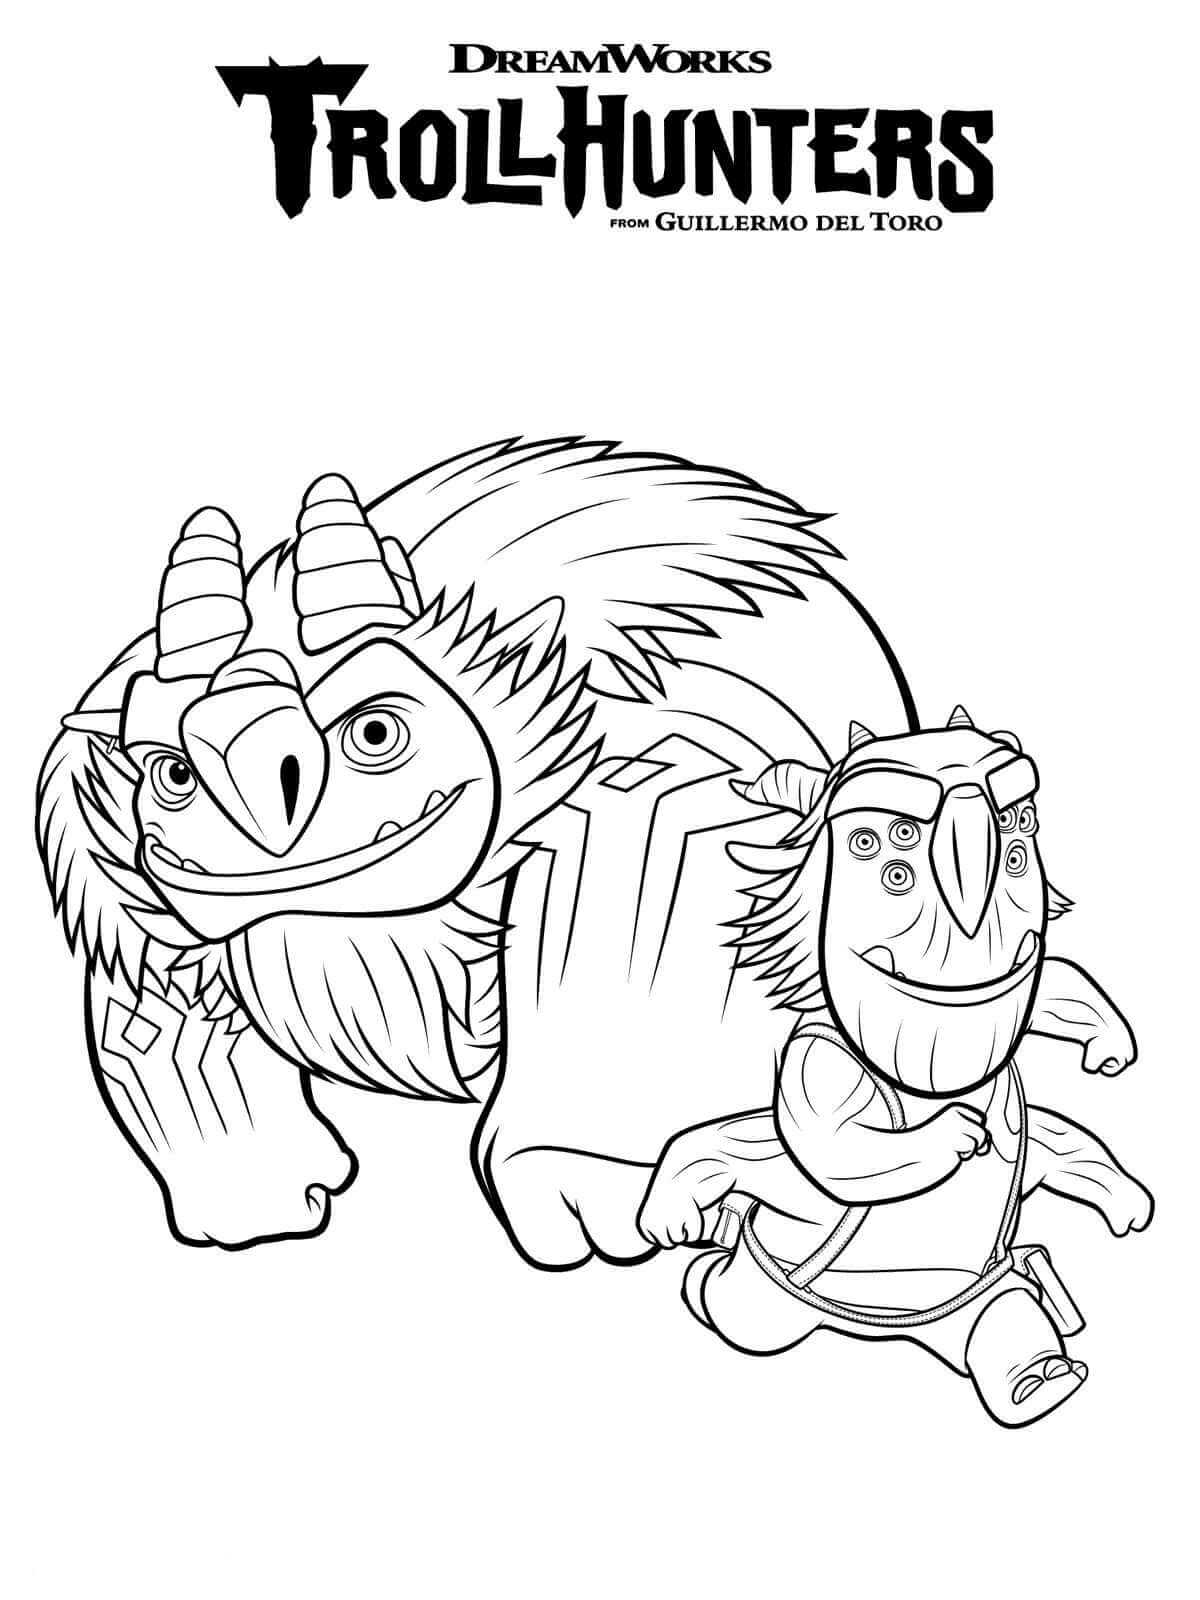 Dibujos Para Colorear Y Imprimir Trolls - Impresion gratuita